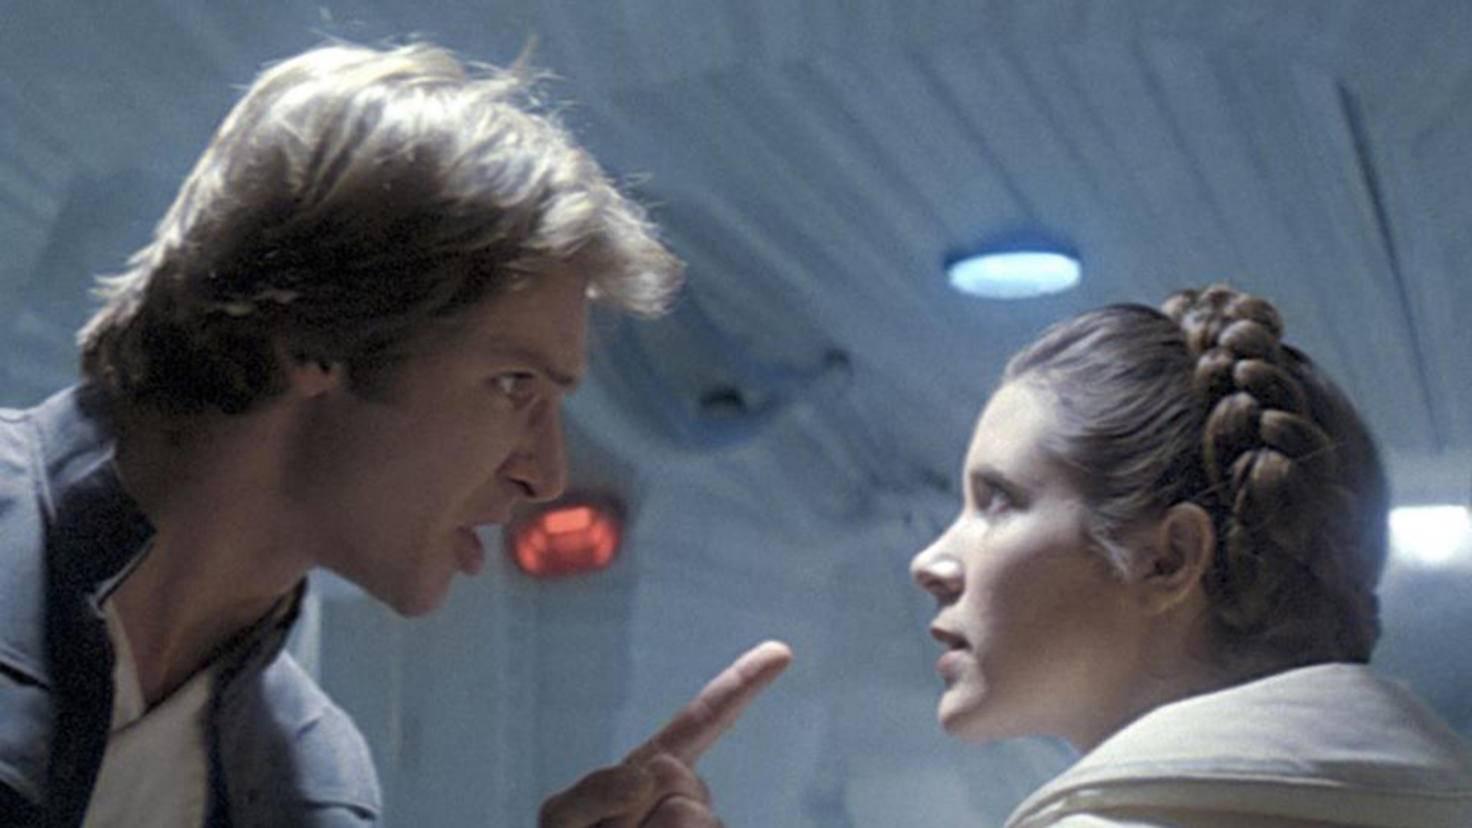 Die Liebelei von Carrie Fisher und Harrison Ford war vor und hinter der Kamera stürmisch.